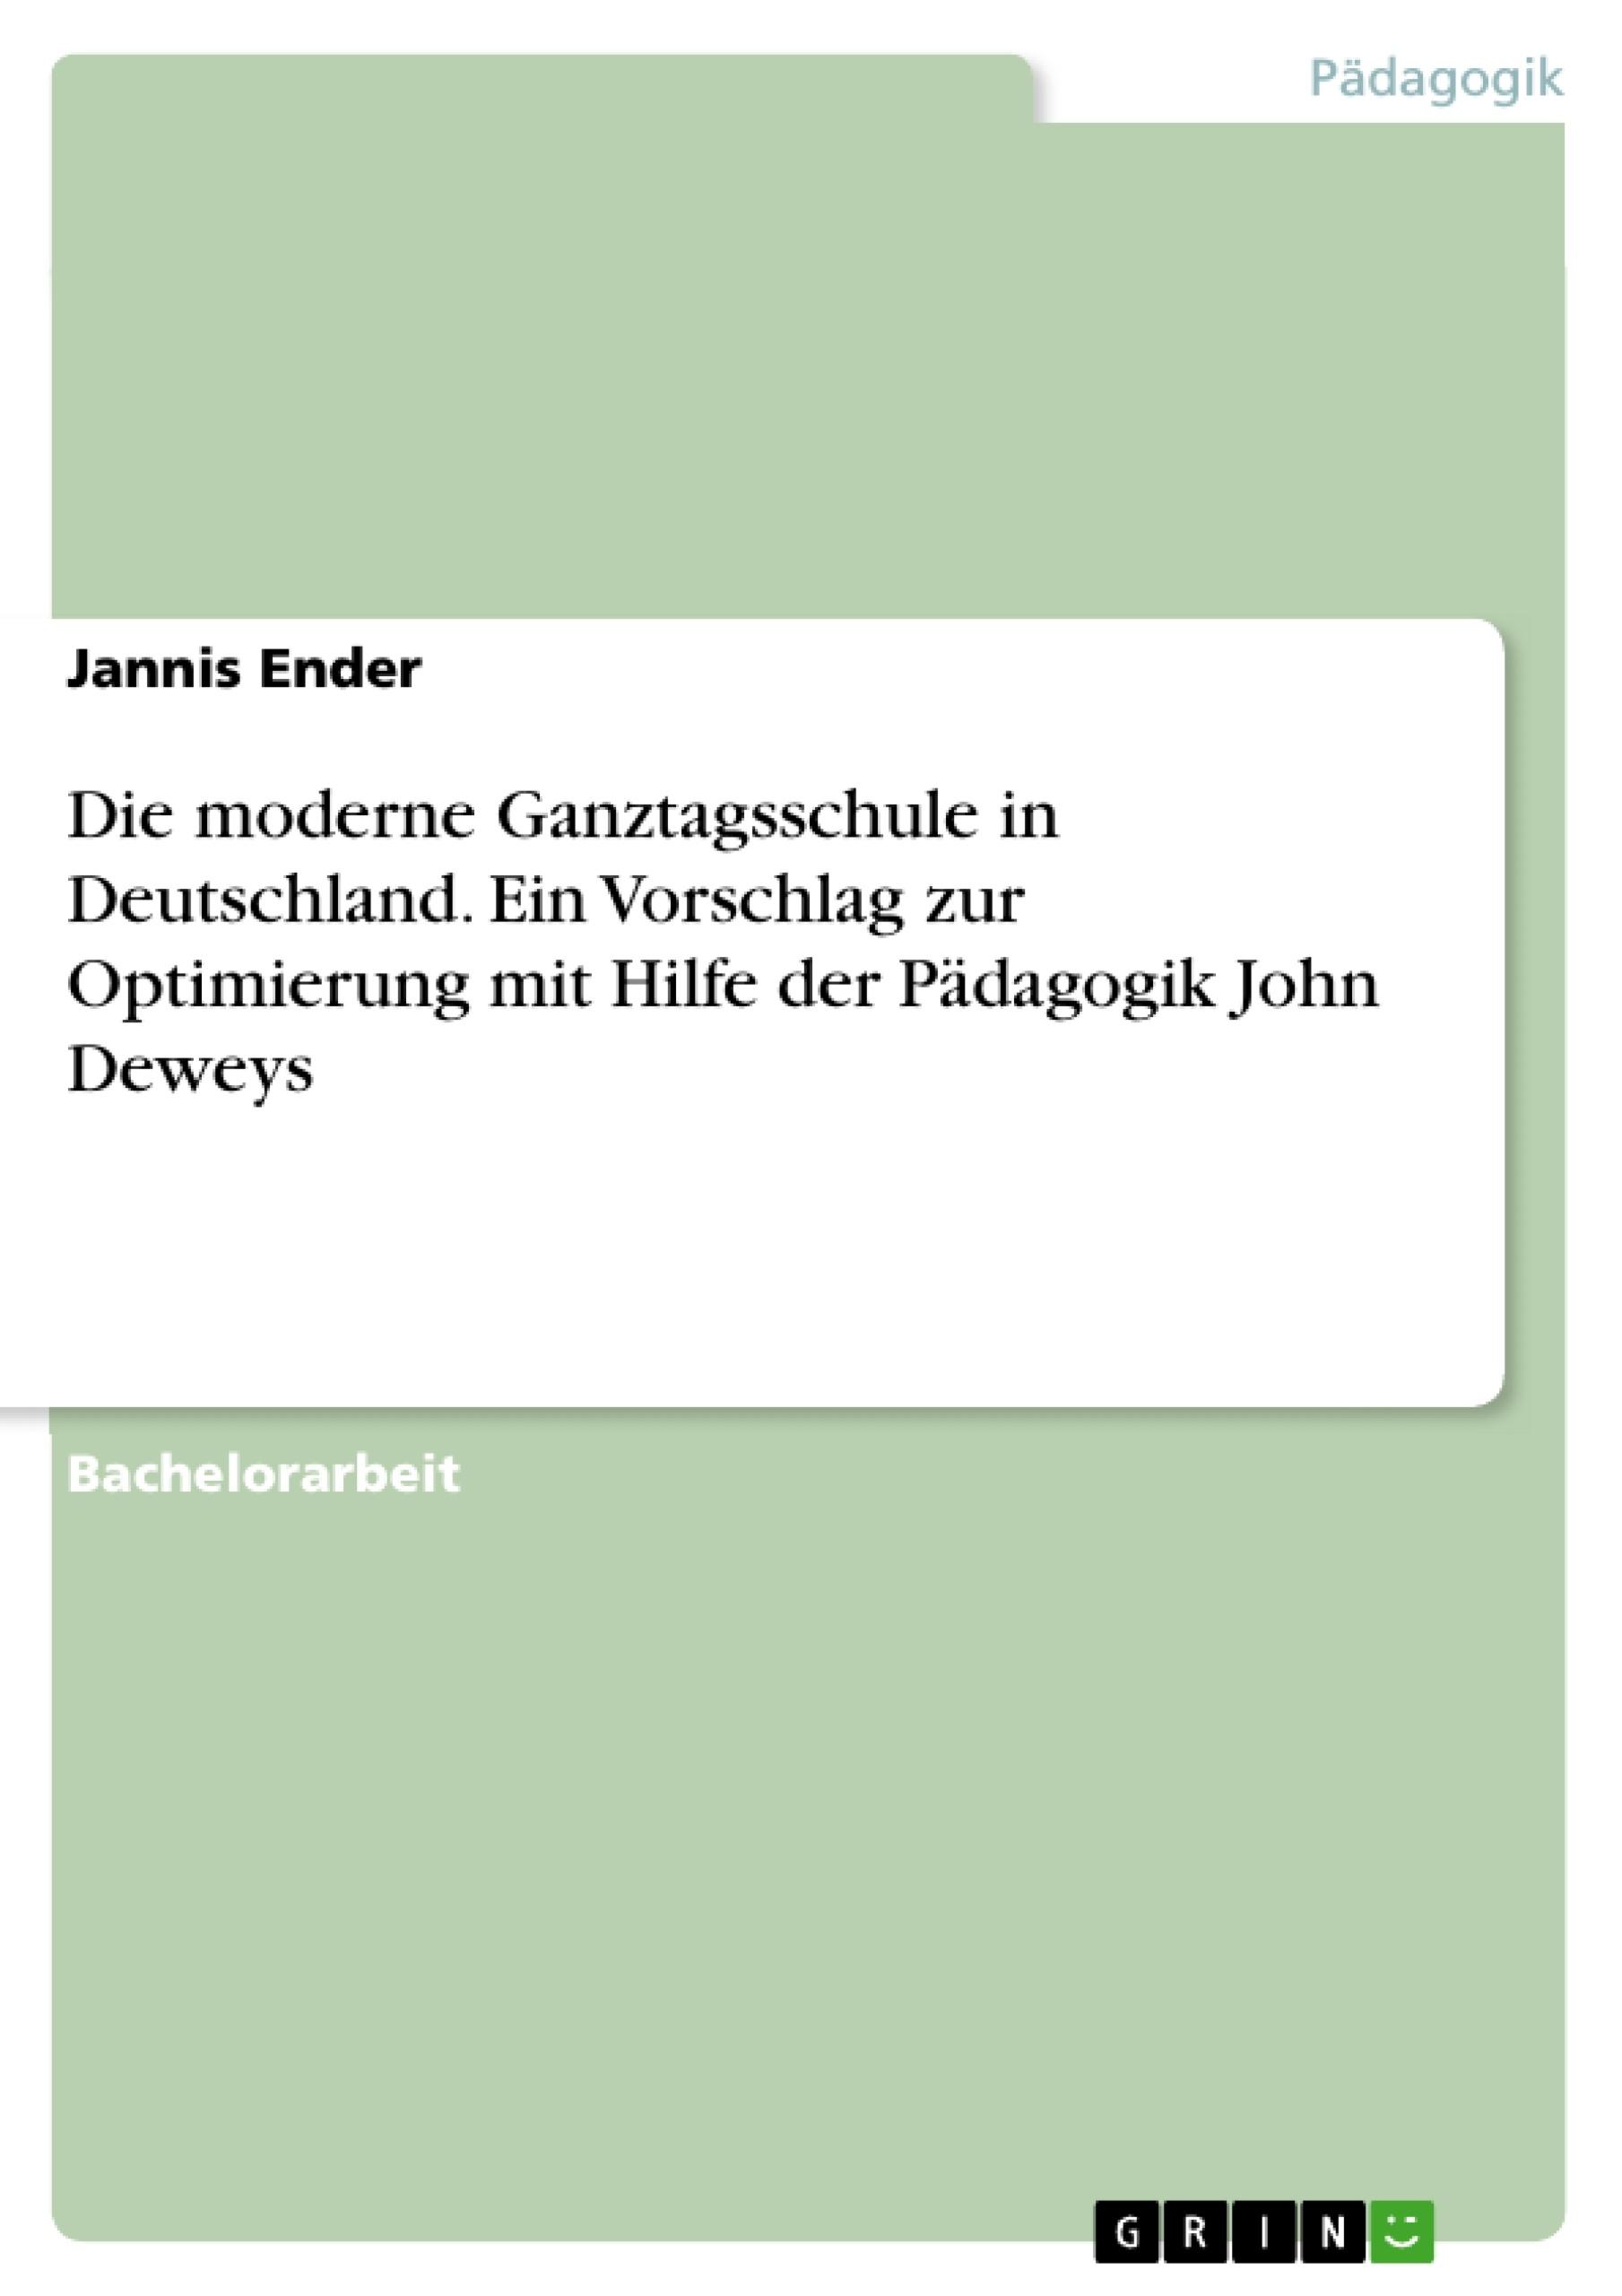 Titel: Die moderne Ganztagsschule in Deutschland. Ein Vorschlag zur Optimierung mit Hilfe der Pädagogik John Deweys